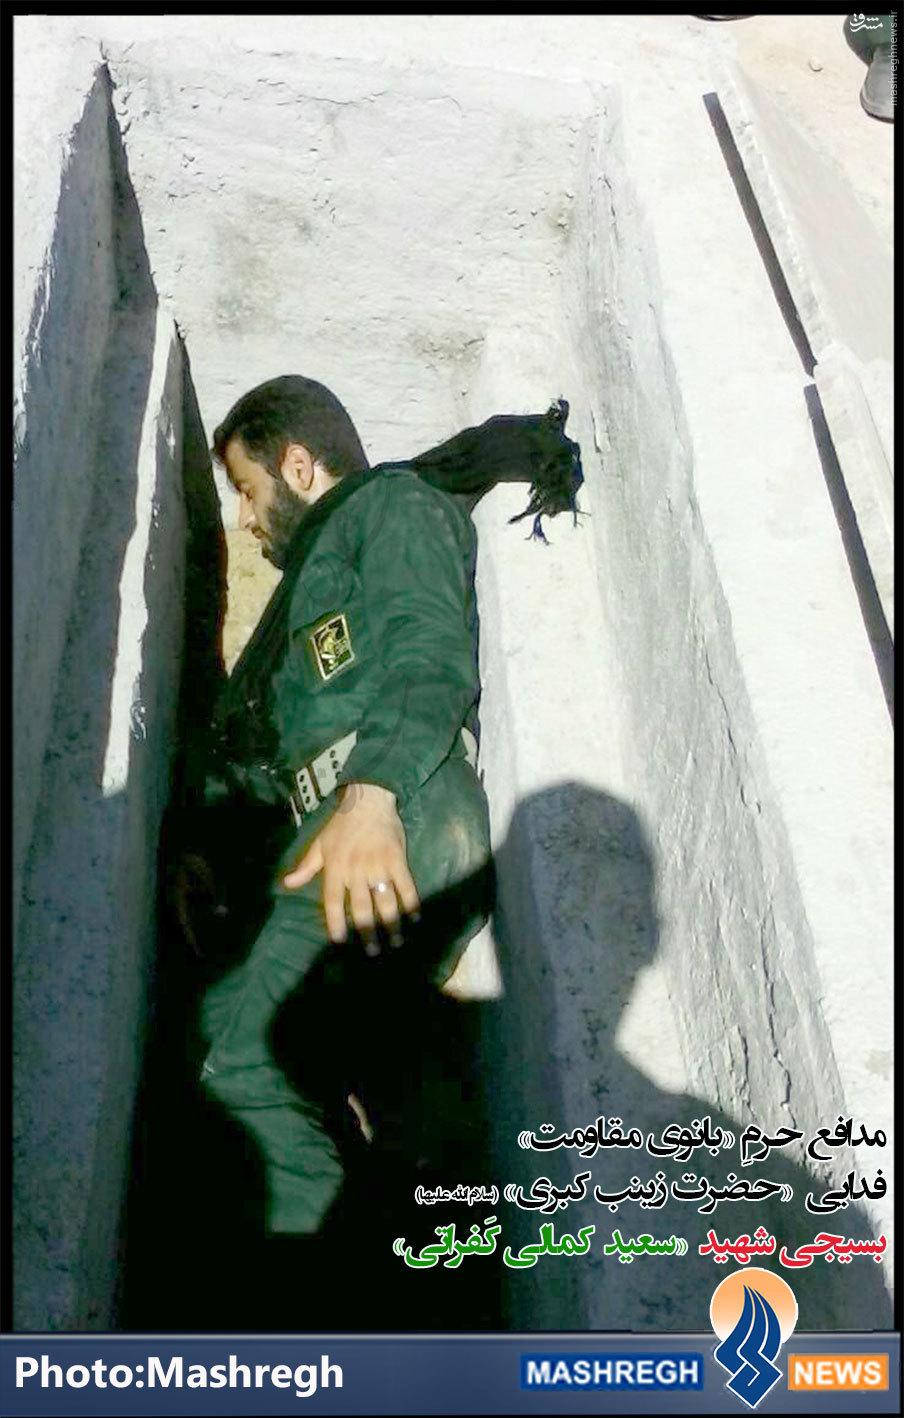 عکس/ شهید «خان طومان» در قبر